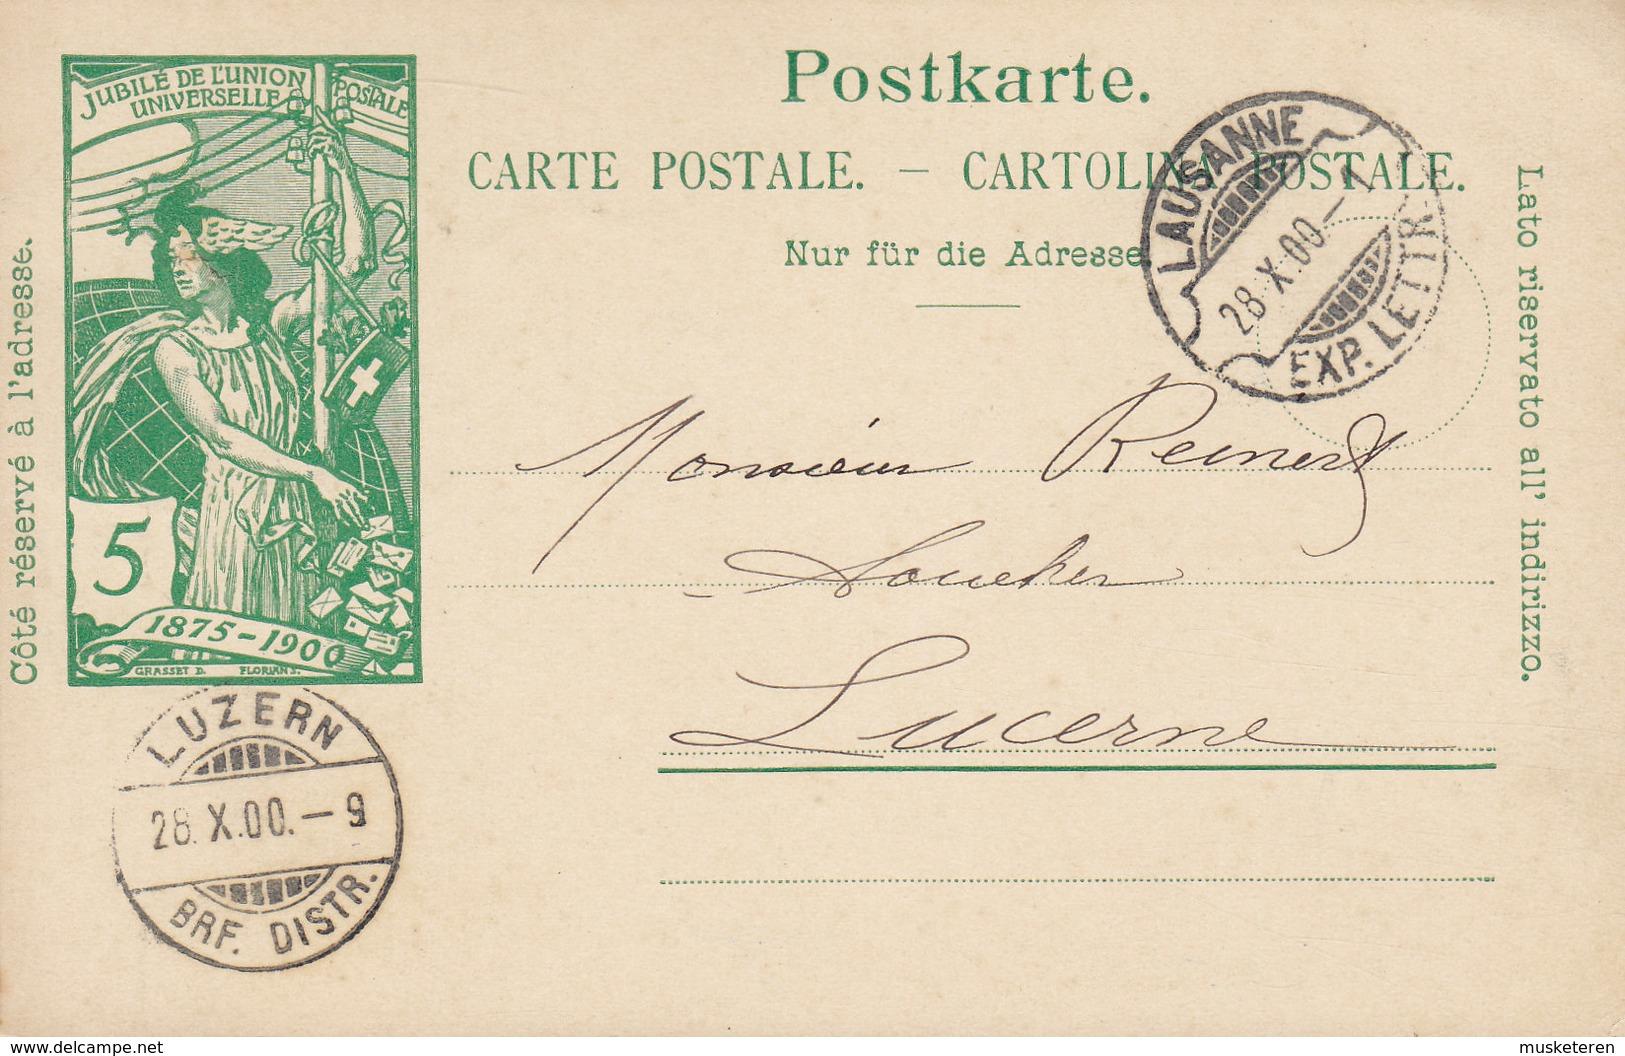 Switzerland UPU Weltpostverein Postal Stationery Ganzsache Entier LAUSANNE 1900 LUZERN (Arrival) (2 Scans) - Entiers Postaux